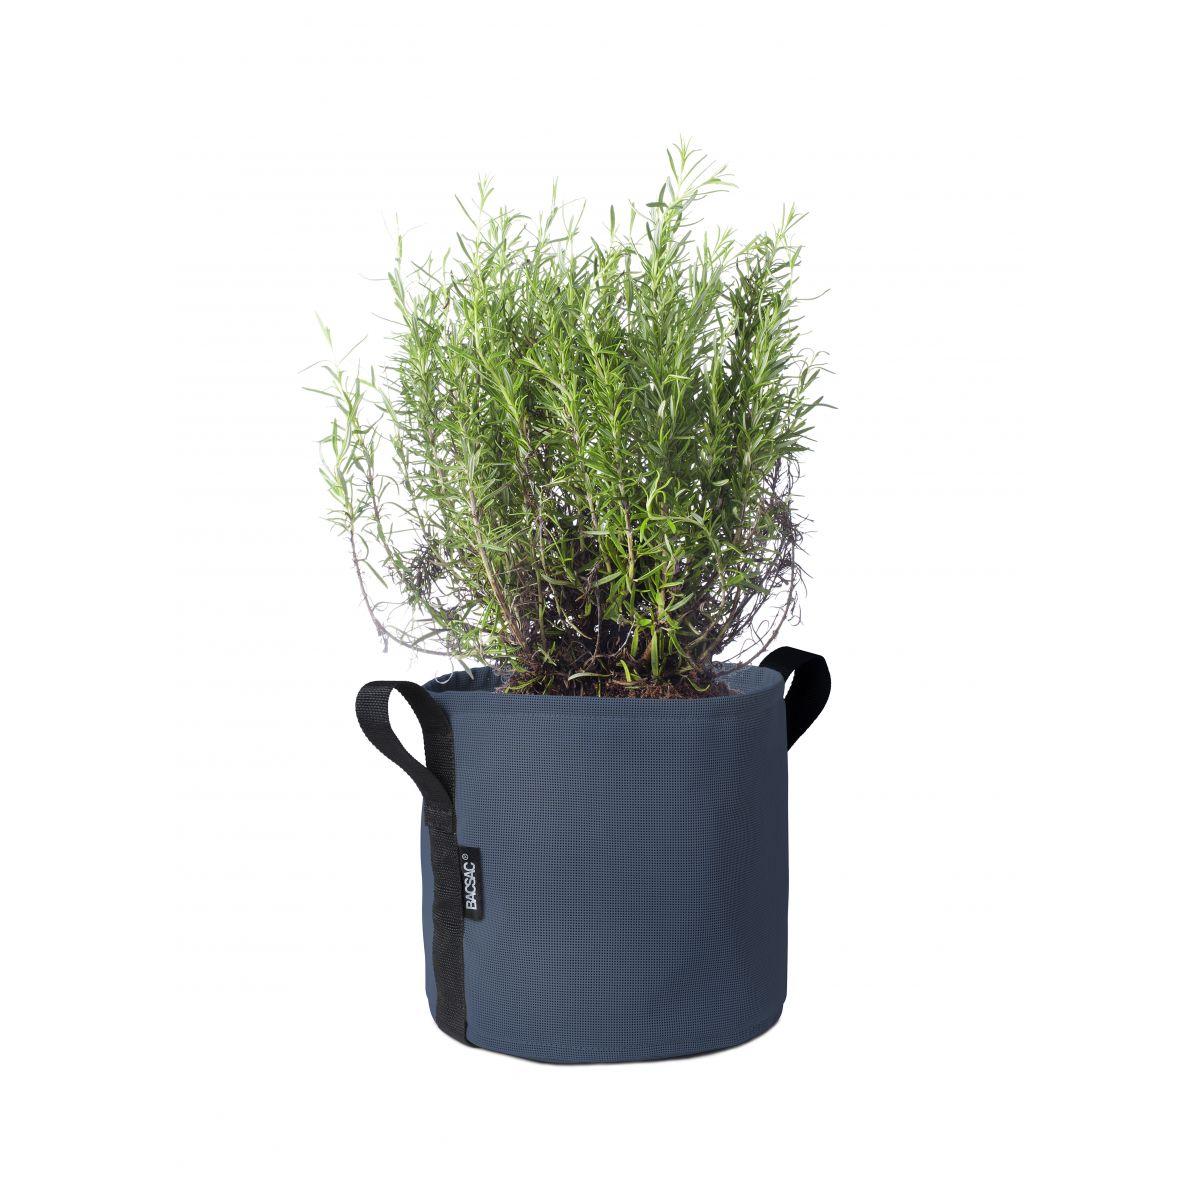 sac pour planter fleurs pot de fleurs 10l outdoor bacsac deco maison design. Black Bedroom Furniture Sets. Home Design Ideas